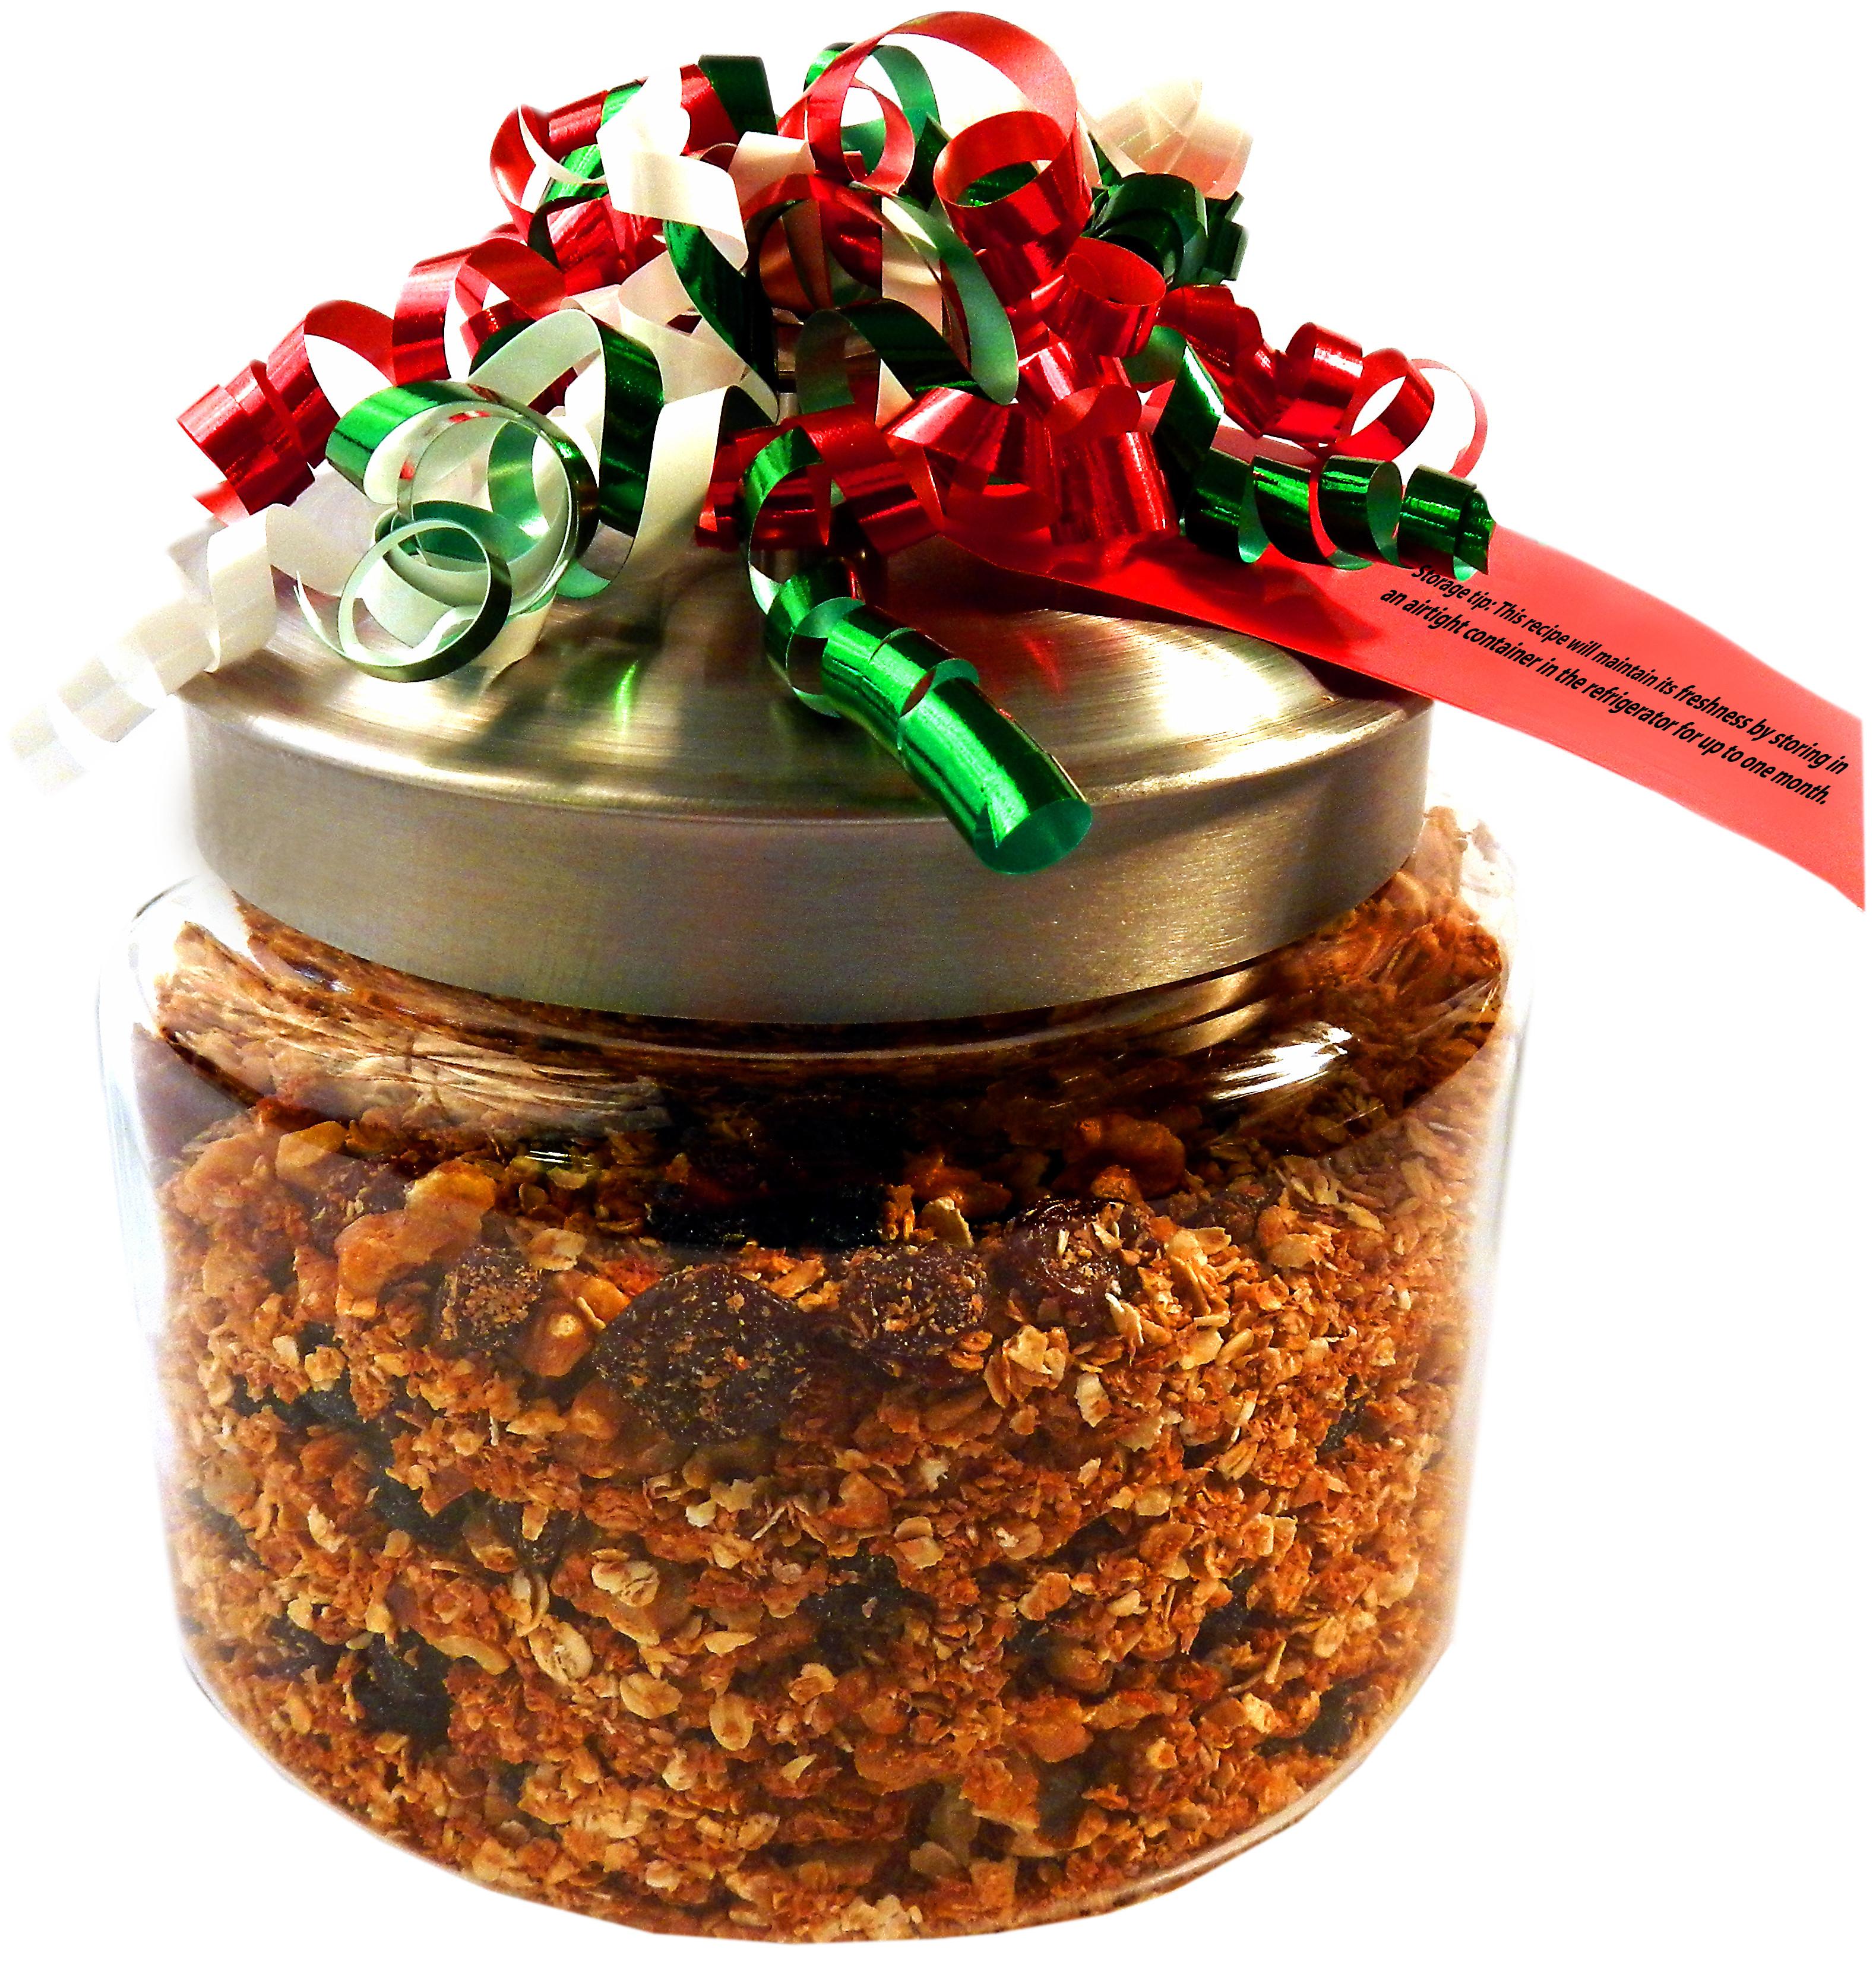 Food Christmas Gifts  Homemade Holiday Food Gifts